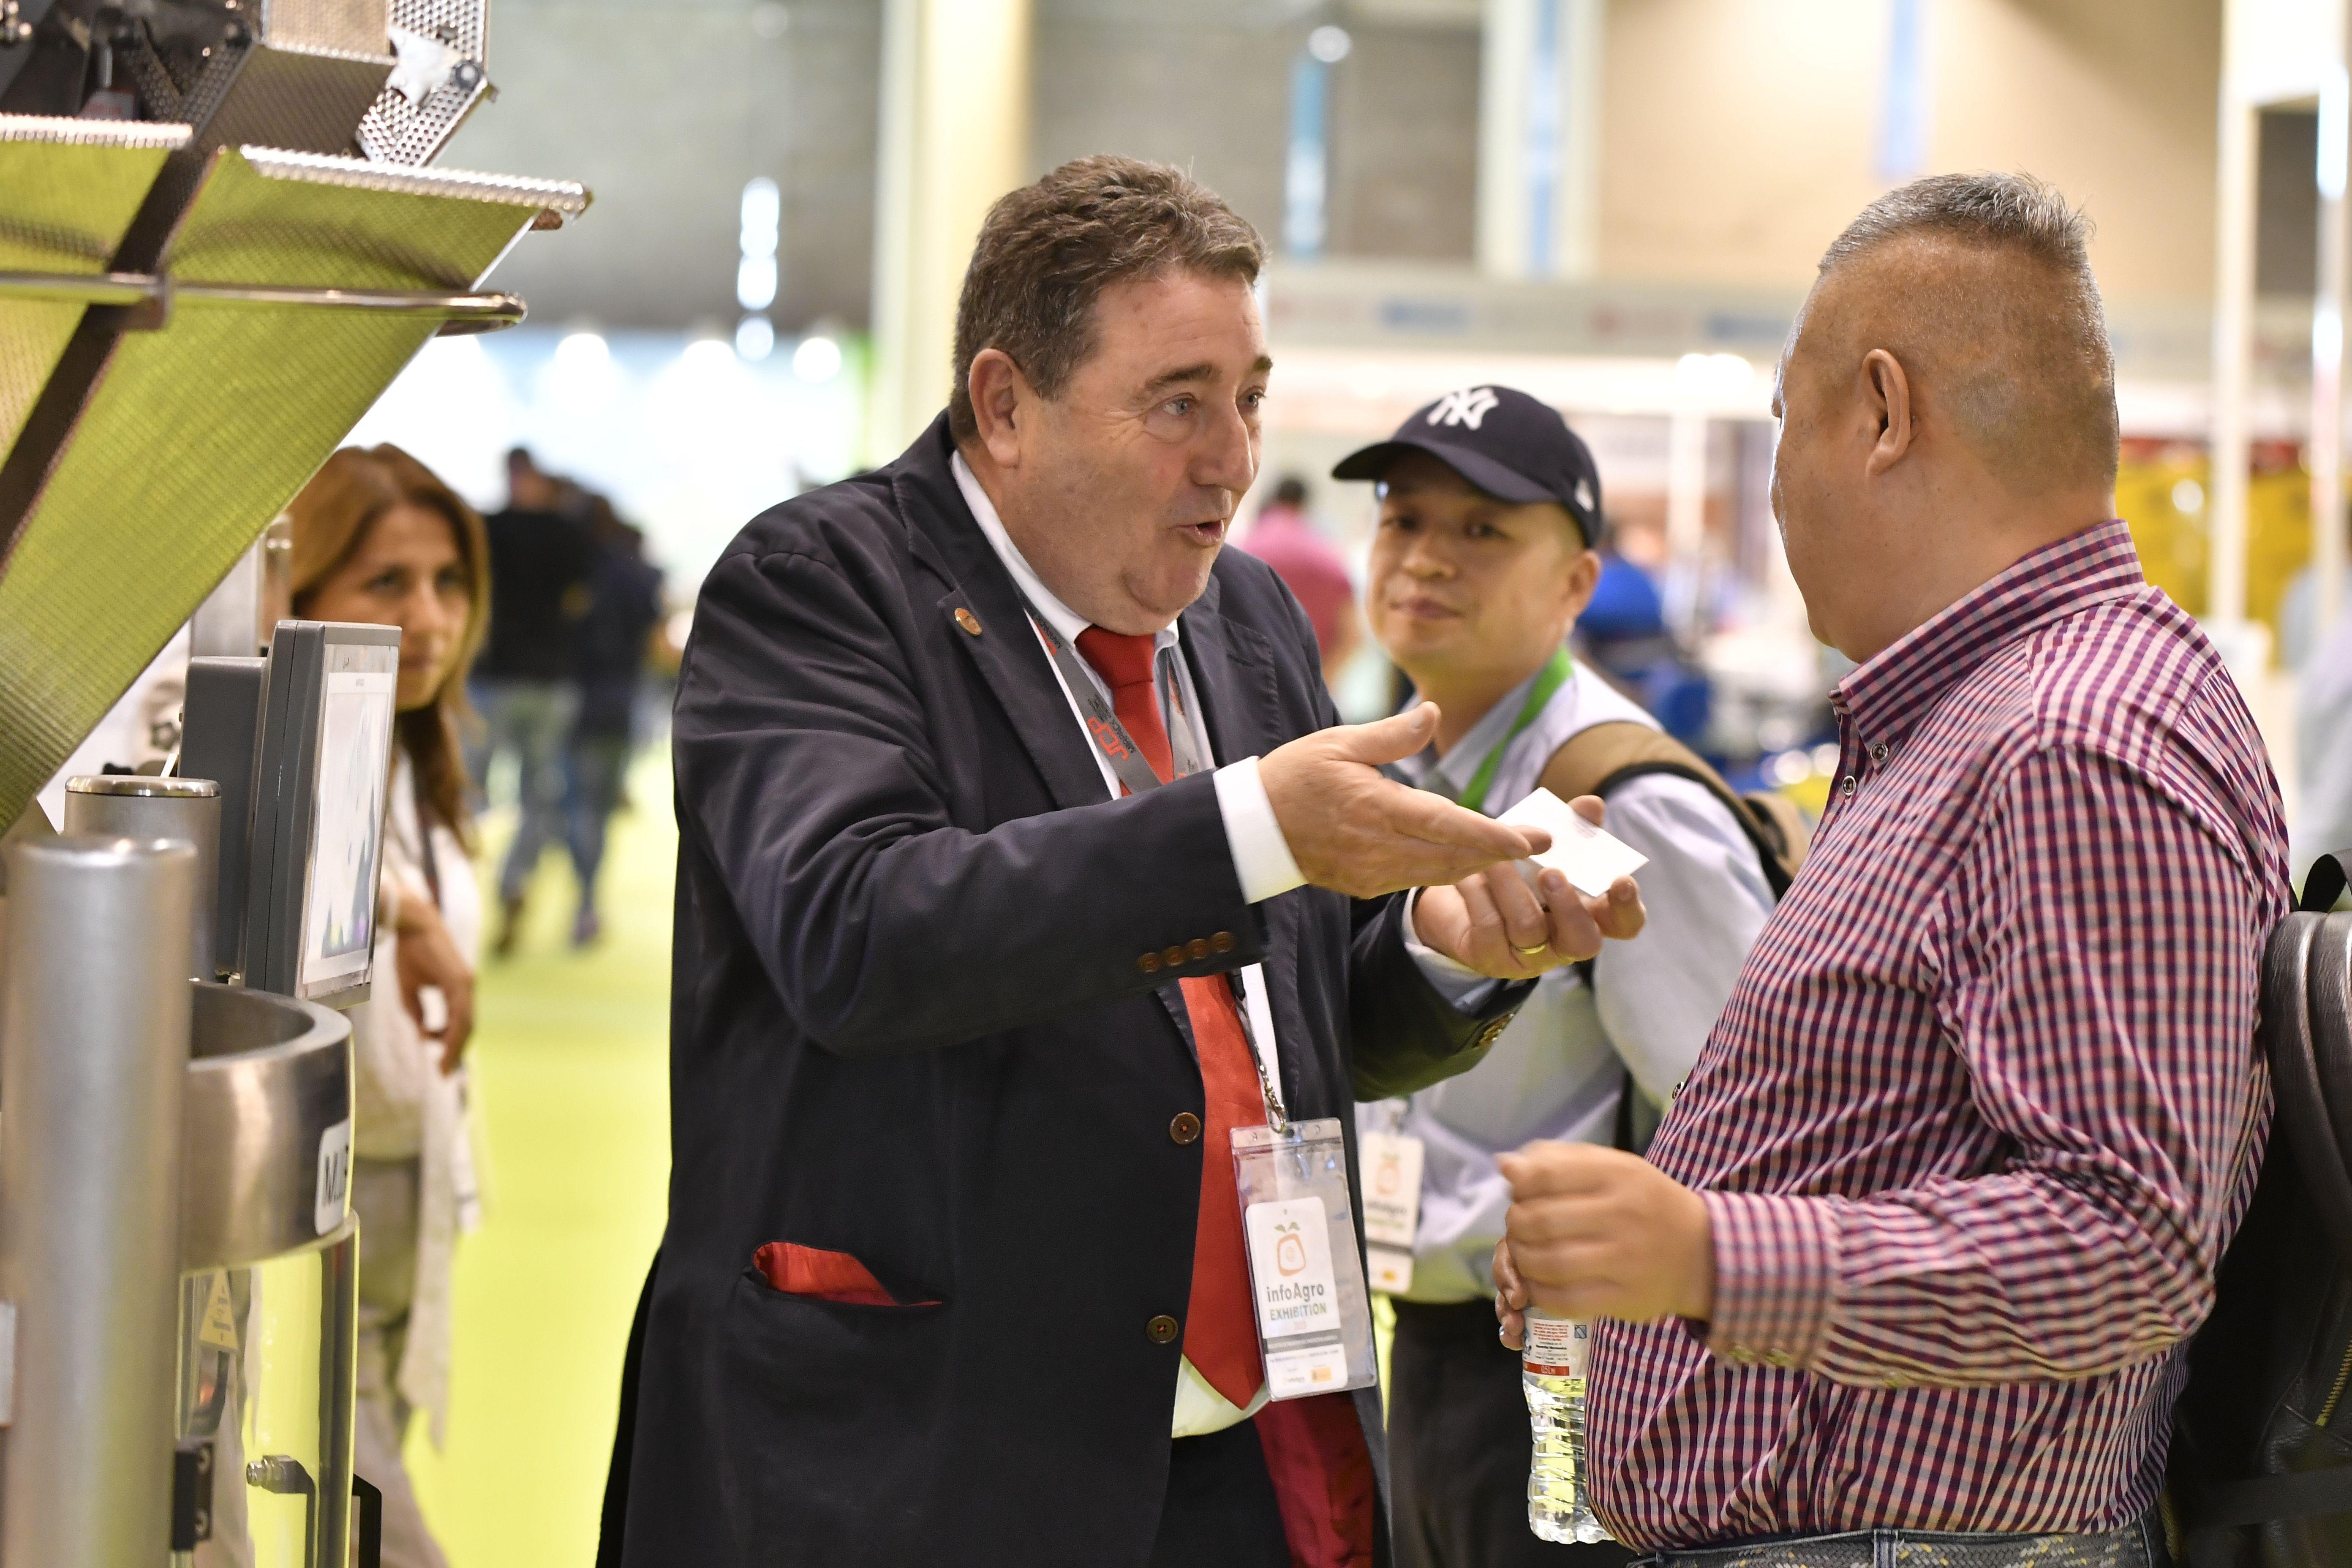 Visitantes profesionales a Infoagro Exhibition 2019 se informan sobre productos de una empresa expositora